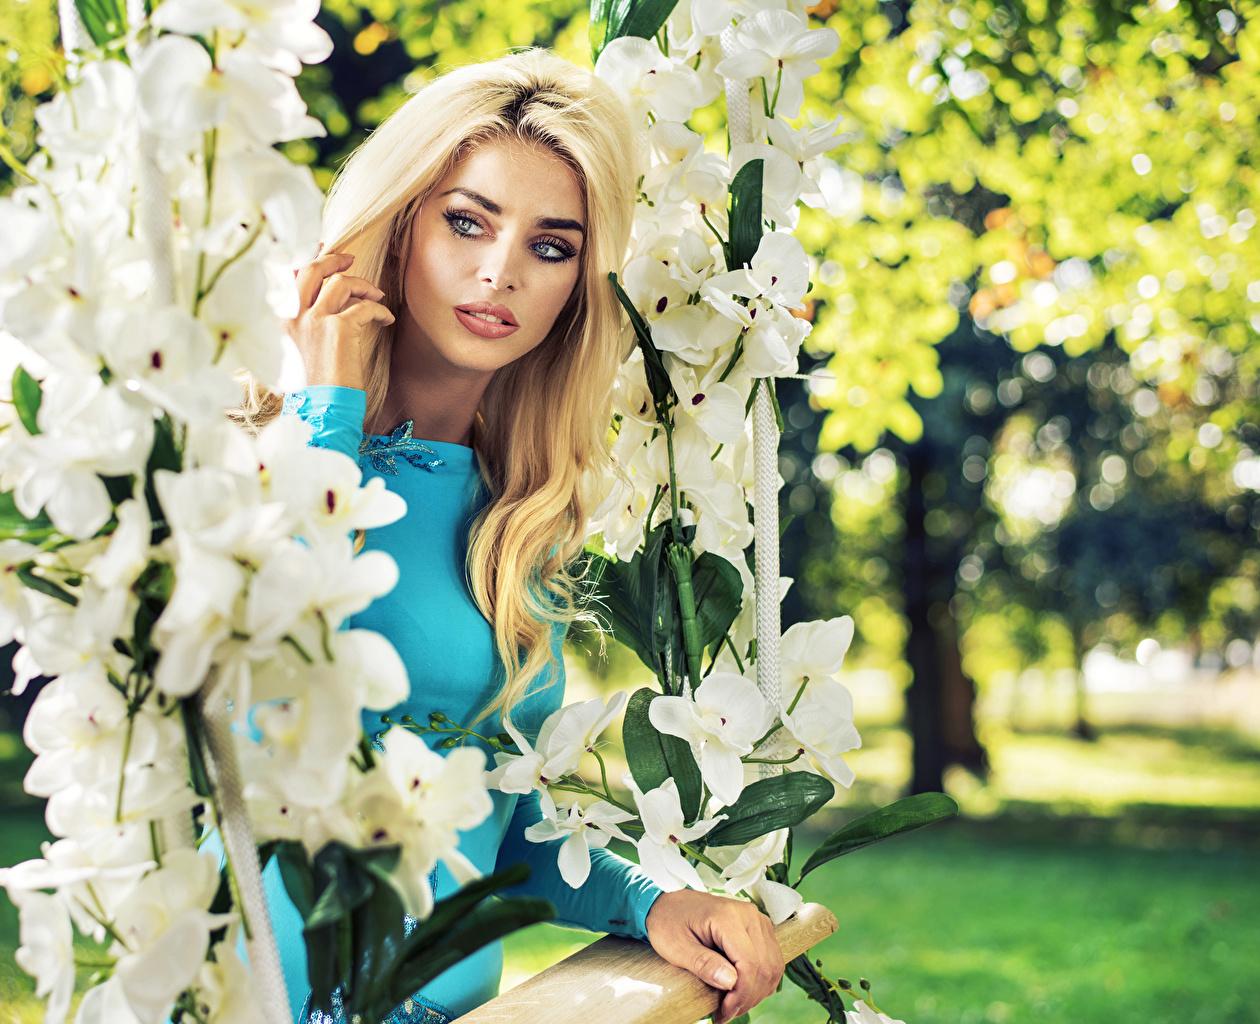 Foto Blondine Schaukel Mädchens Orchideen Blick Blond Mädchen Starren